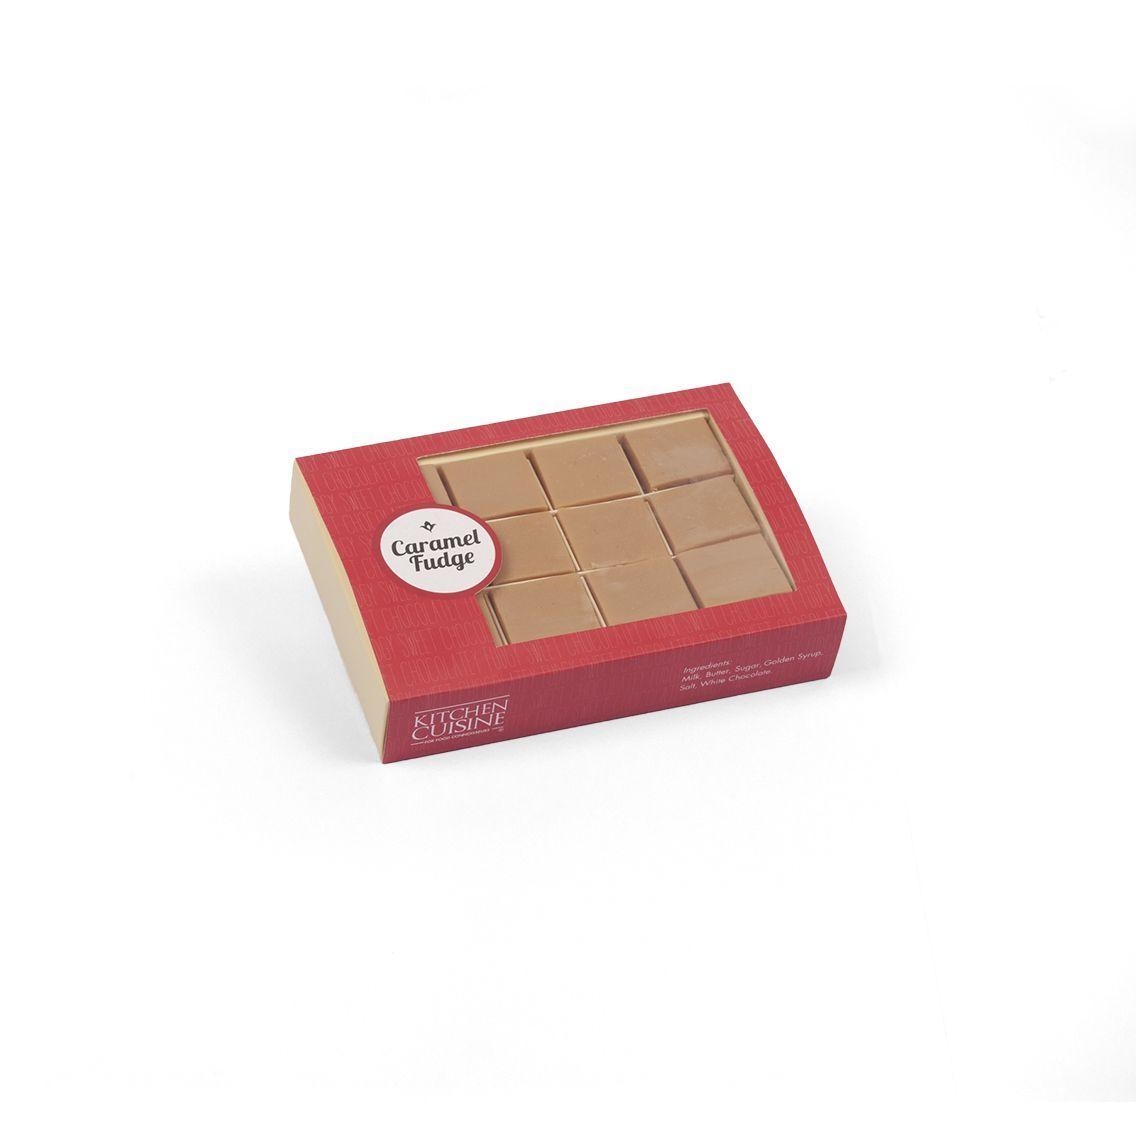 Kitchen Cuisine Default Category Caramel Fudge Box